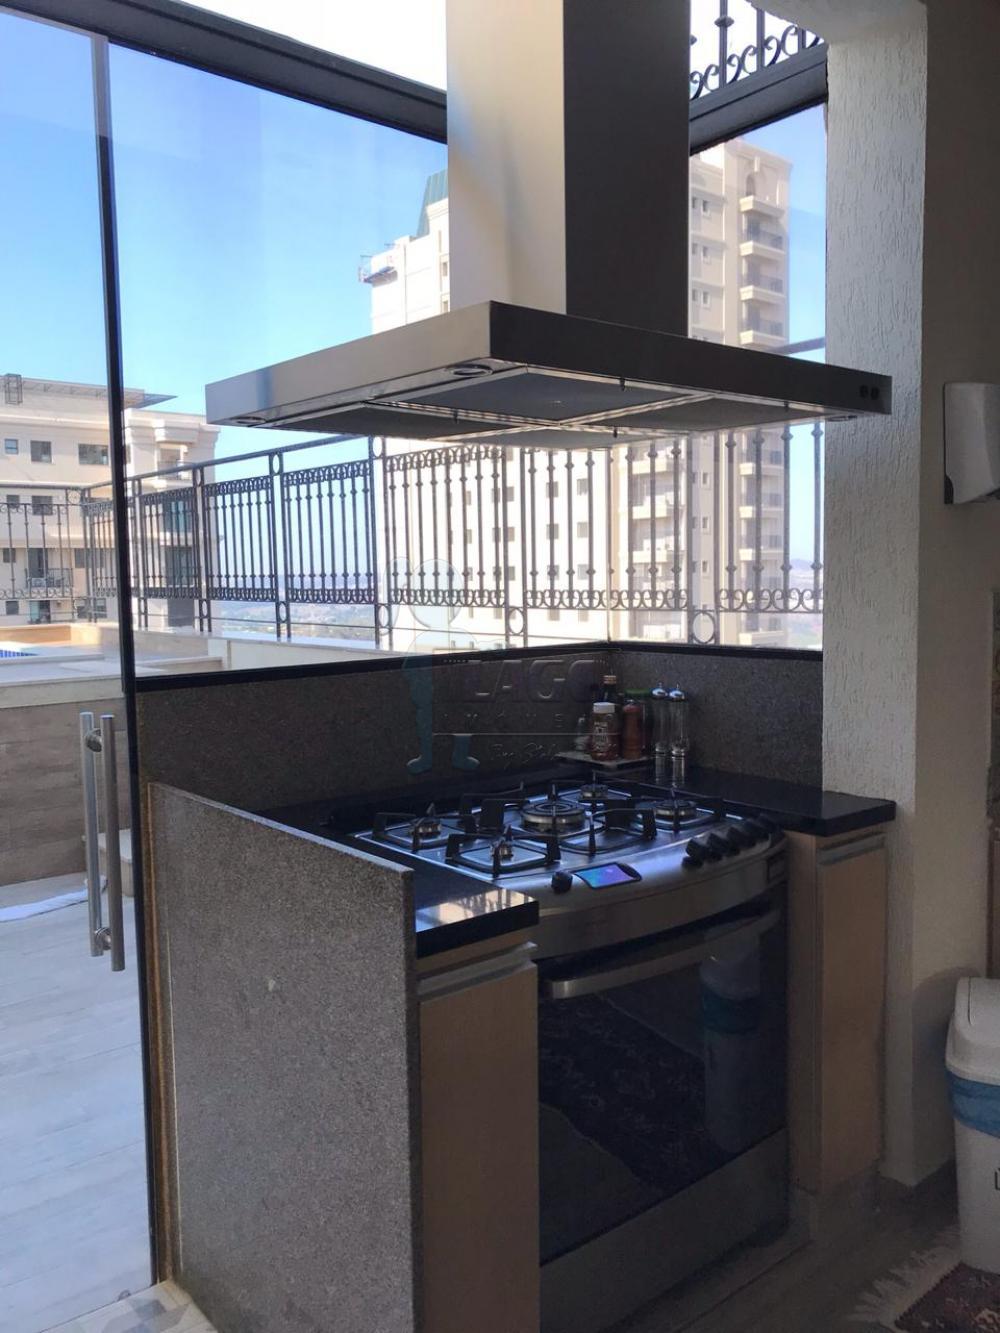 Comprar Apartamento / Cobertura em Ribeirão Preto apenas R$ 2.200.000,00 - Foto 13